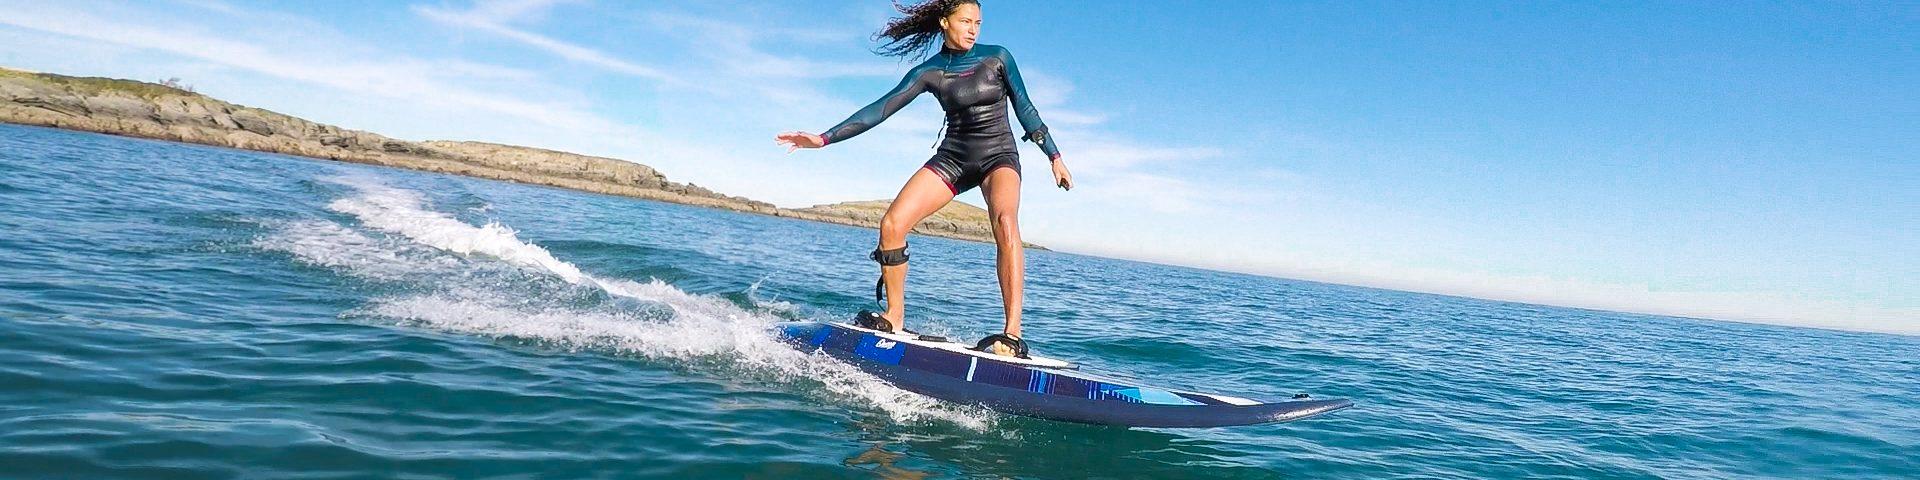 surf électrique Carver Twin Onean vue latérale action